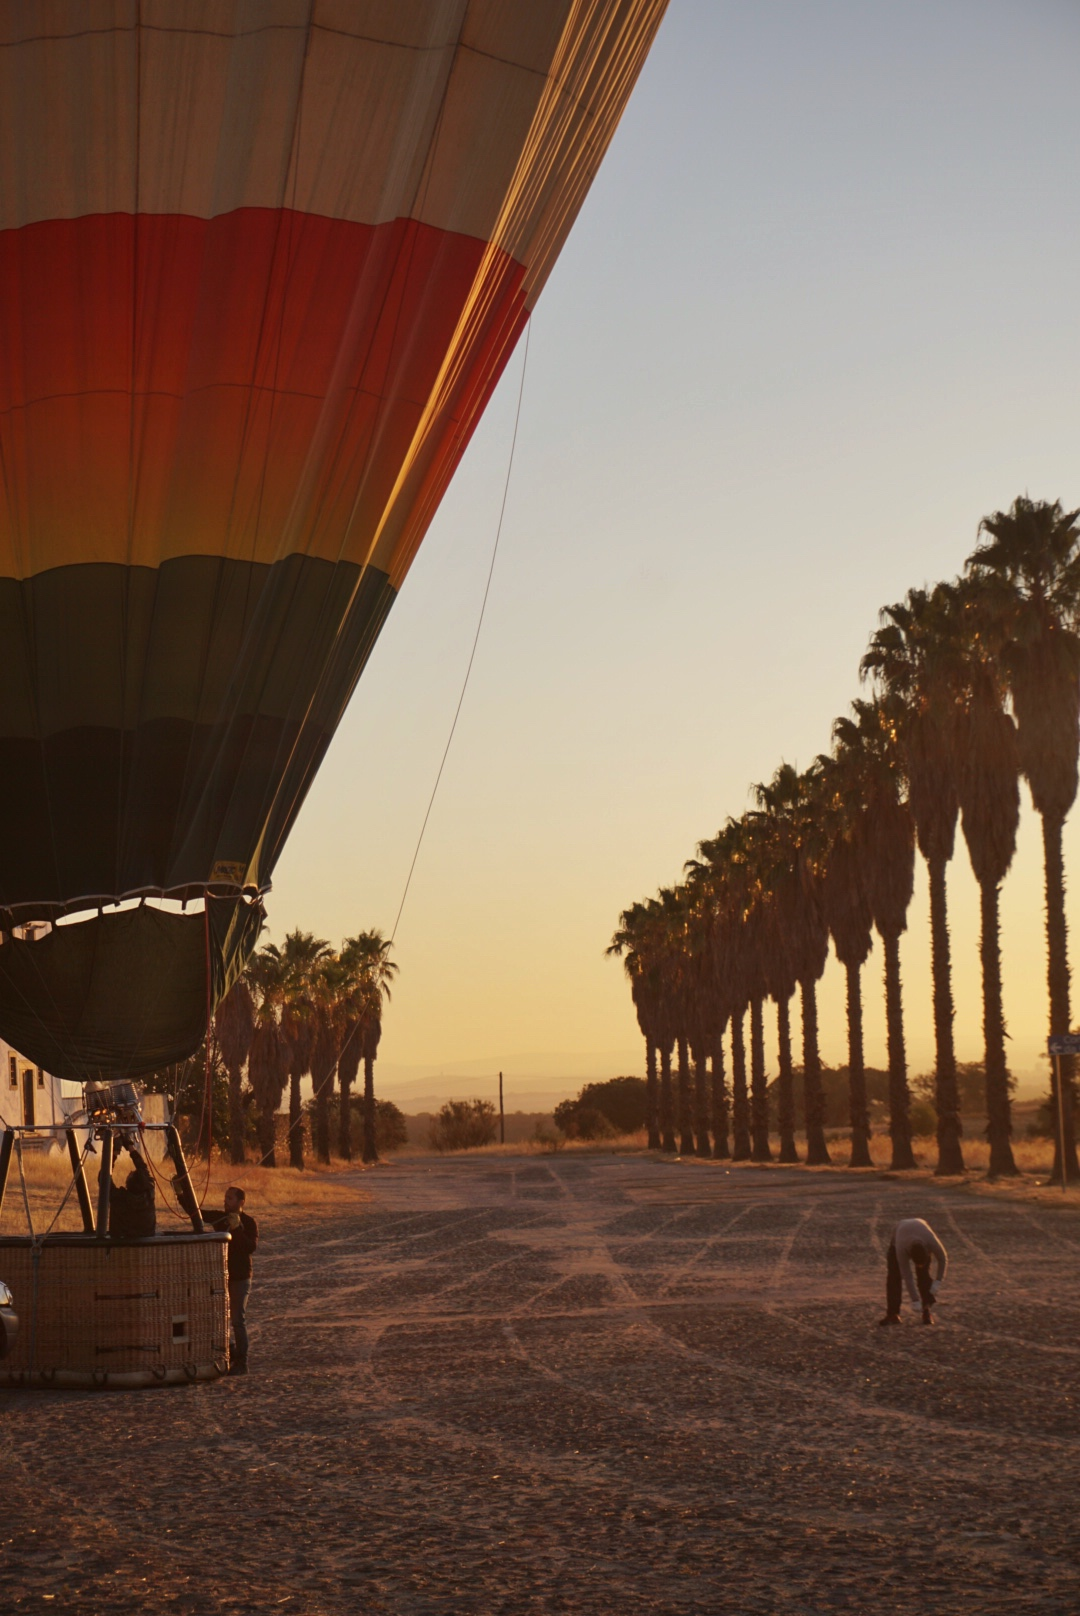 Ballonvaart tijdens zonsopkomst in Alentejo, Portugal.